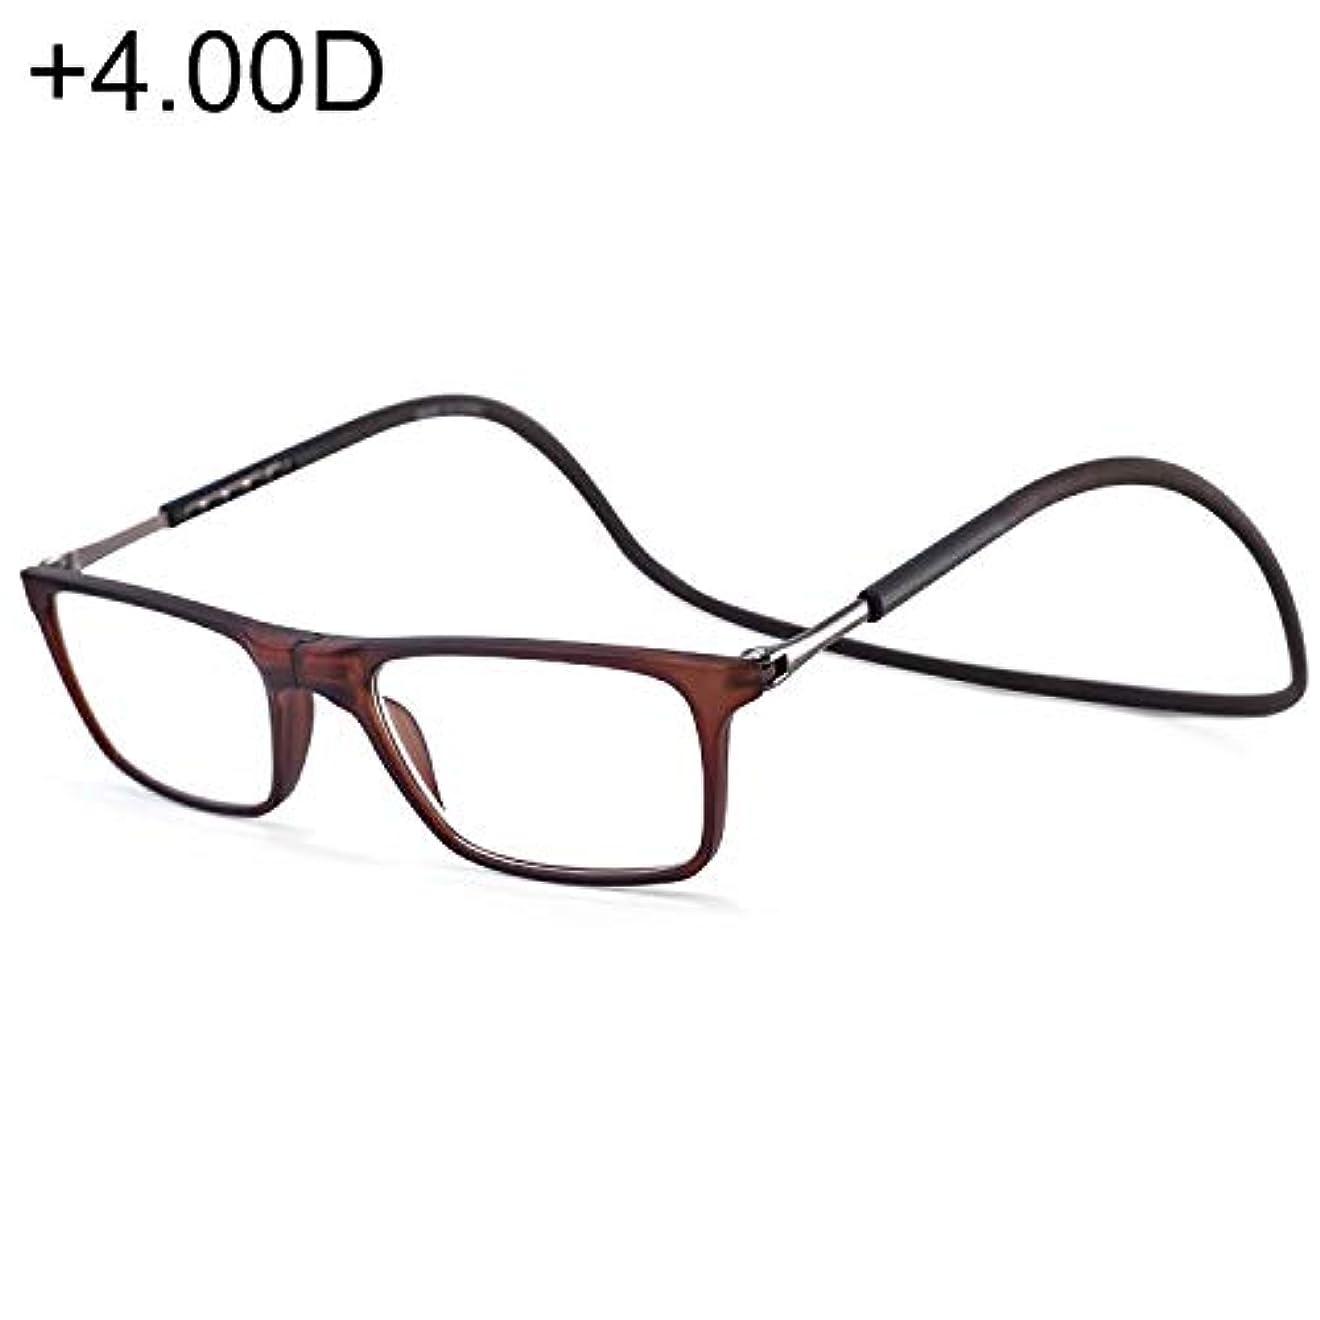 宣言引き渡すコメントYANGTIAN アンチブルー調整可能ネックバンド磁気接続老視メガネ、+ 4.00D(ブラック)YANG (Color : Brown)